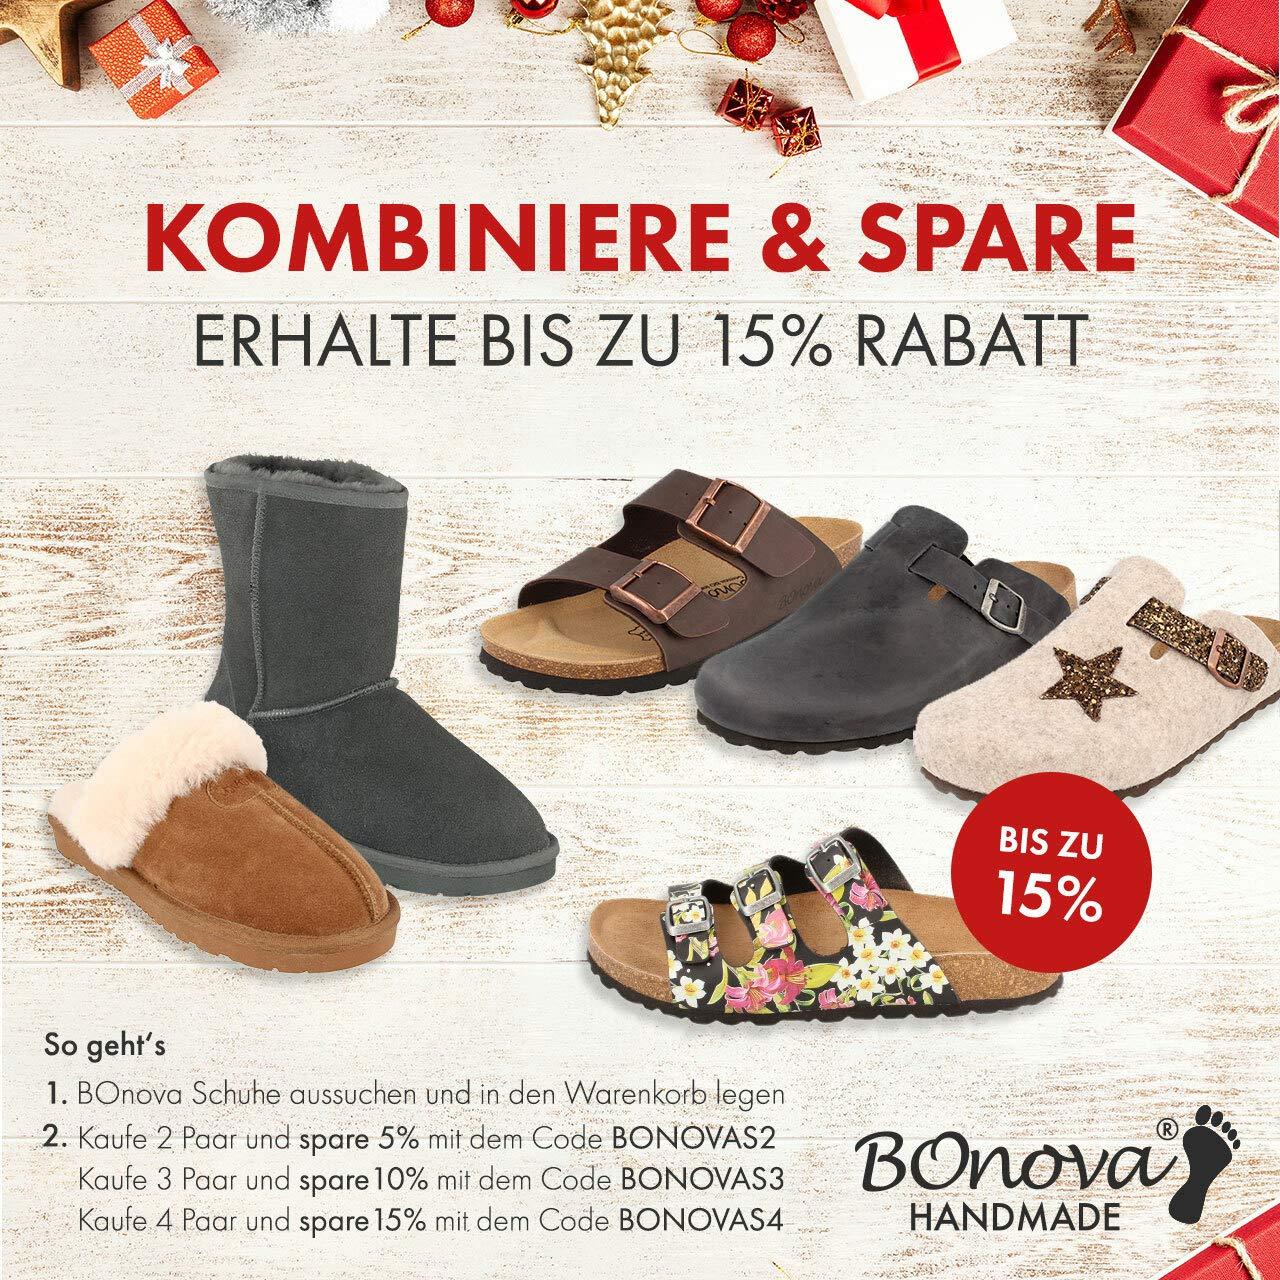 BOnova Damen Pantolette Menorca in 7 Farben, Hausschuhe handgefertigt in der EU, Sommer Sandalen mit DREI verstellbaren Riemen und Kork Fußbett